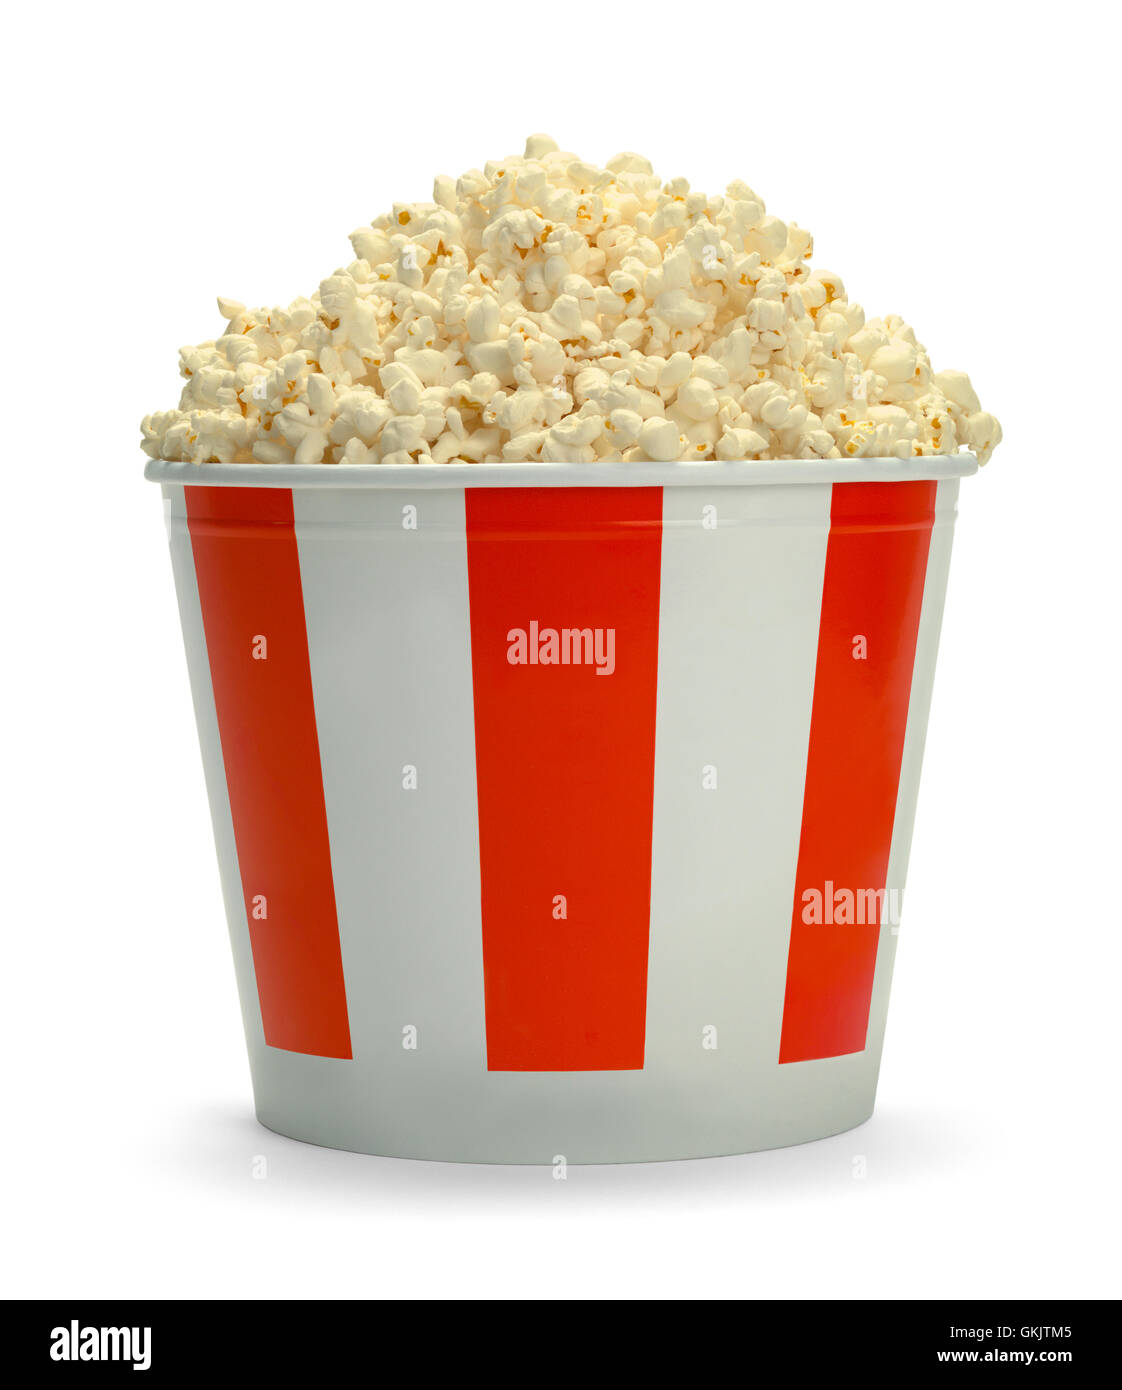 Large Full Bucket of Popcorn Isolated on White Background. - Stock Image